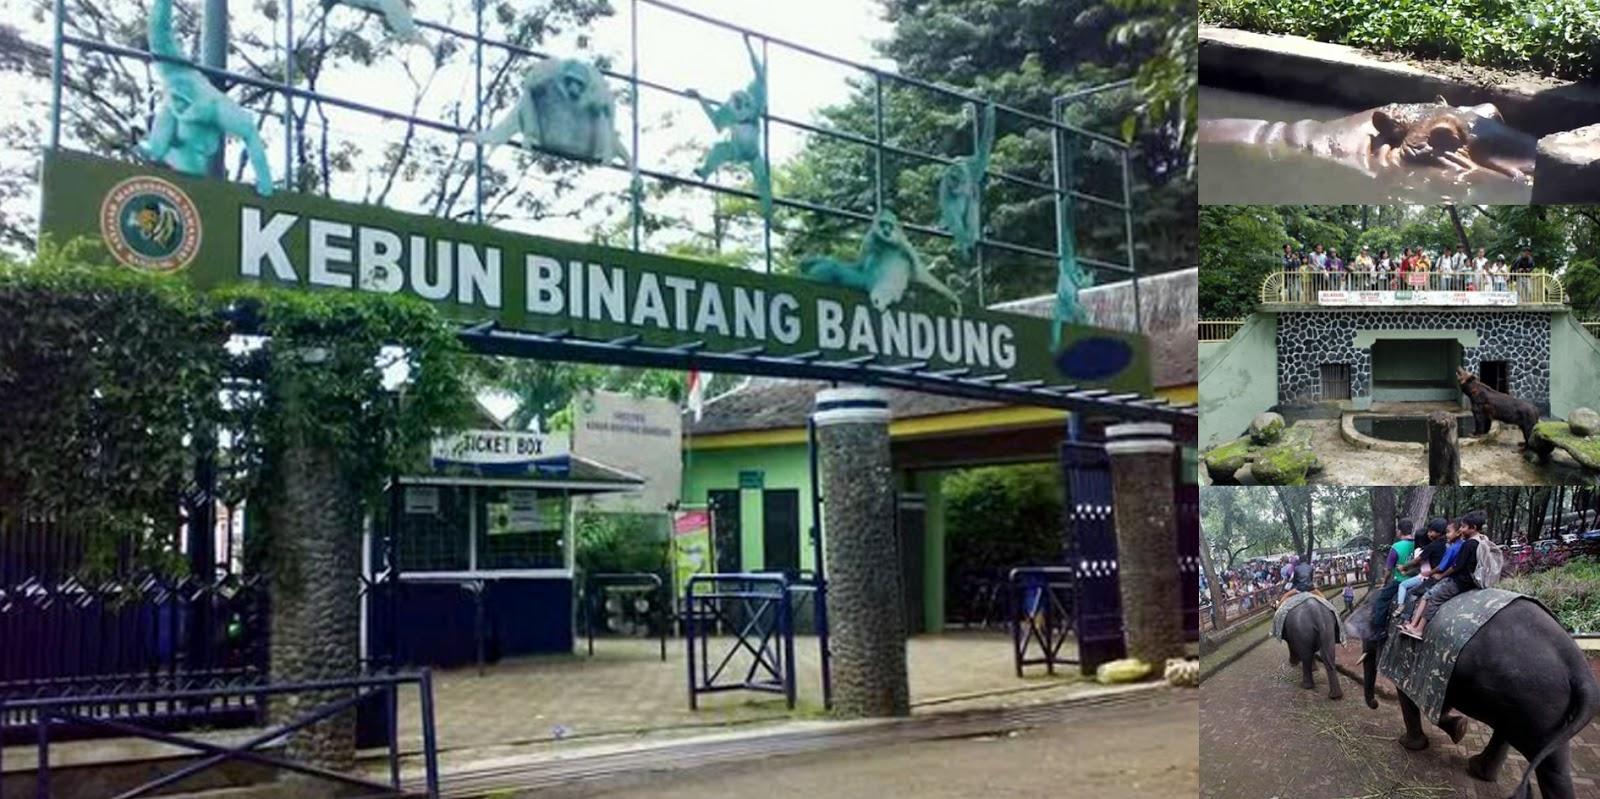 Kebun Binatang Bandung Rekreasi Keluarga Lebih Bermakna di ...